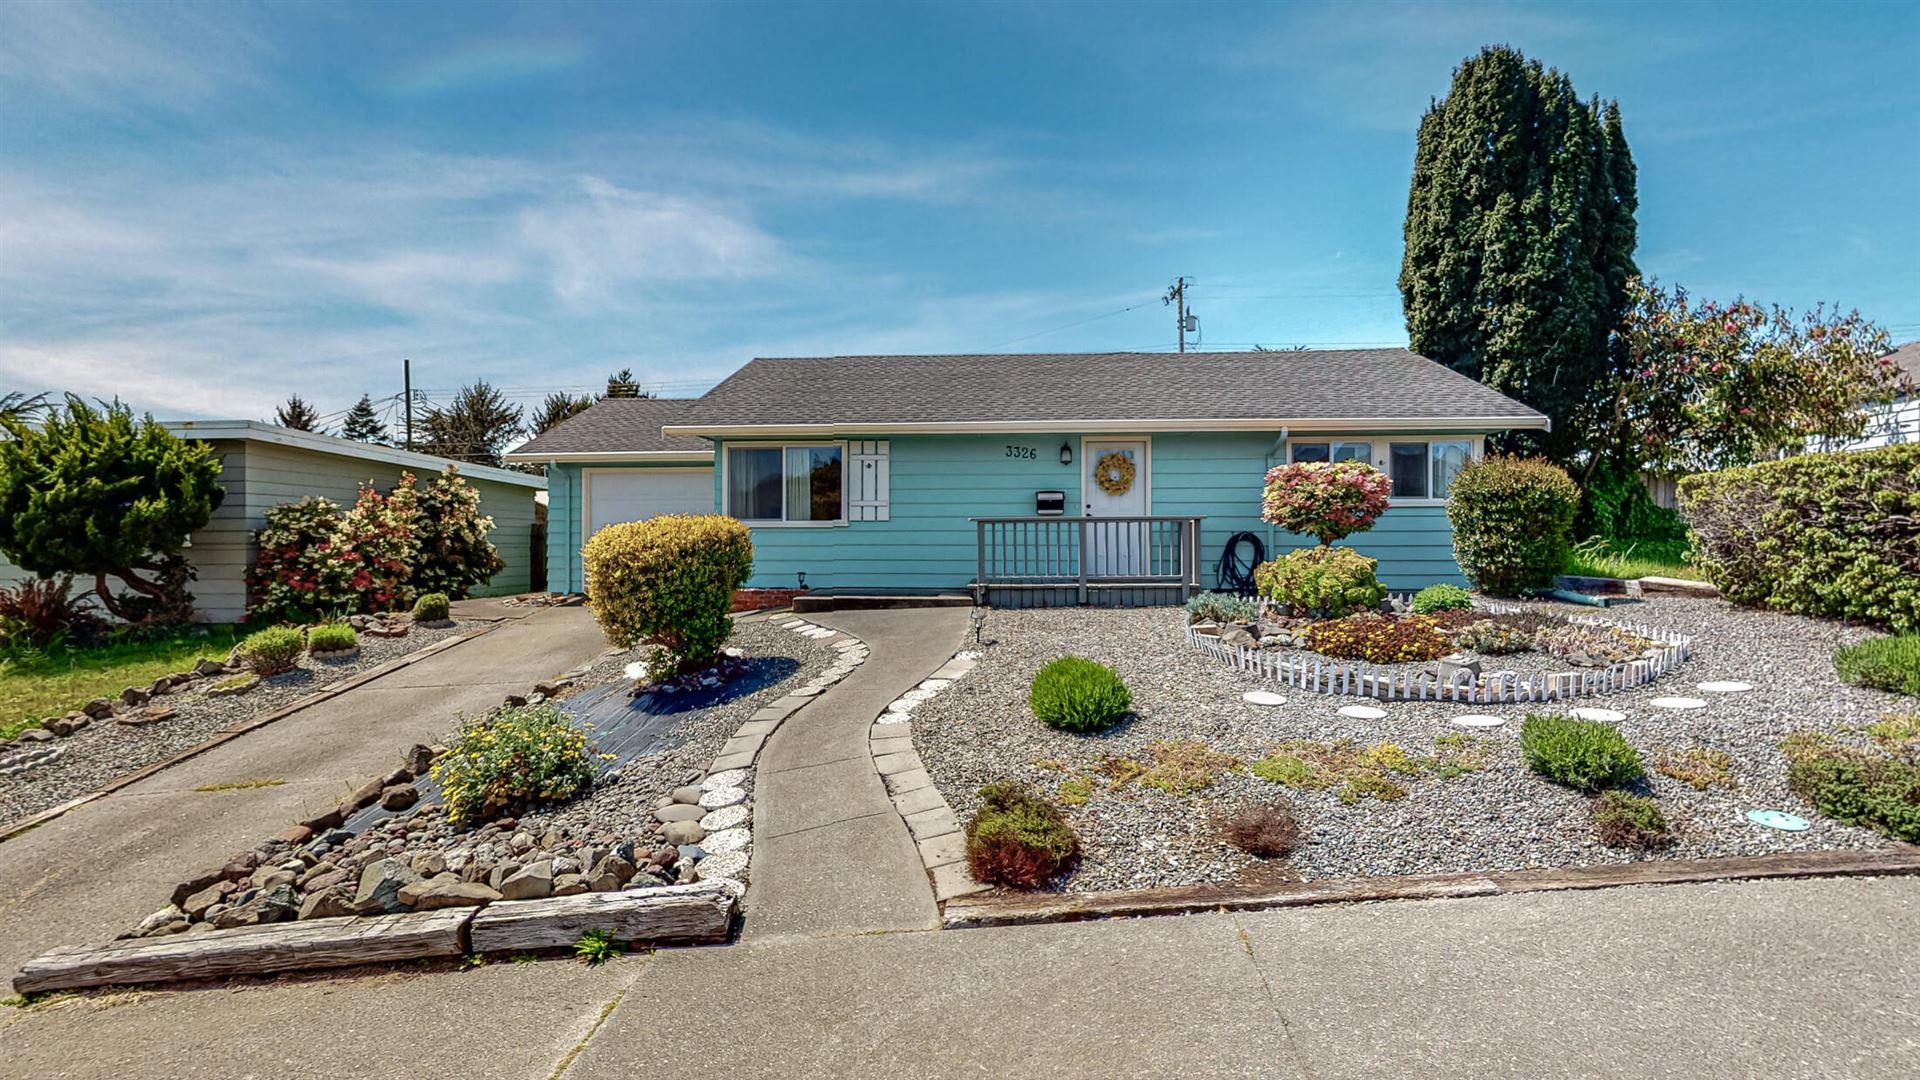 3326 Cottage Street, Eureka, CA 95503 - MLS#: 258988